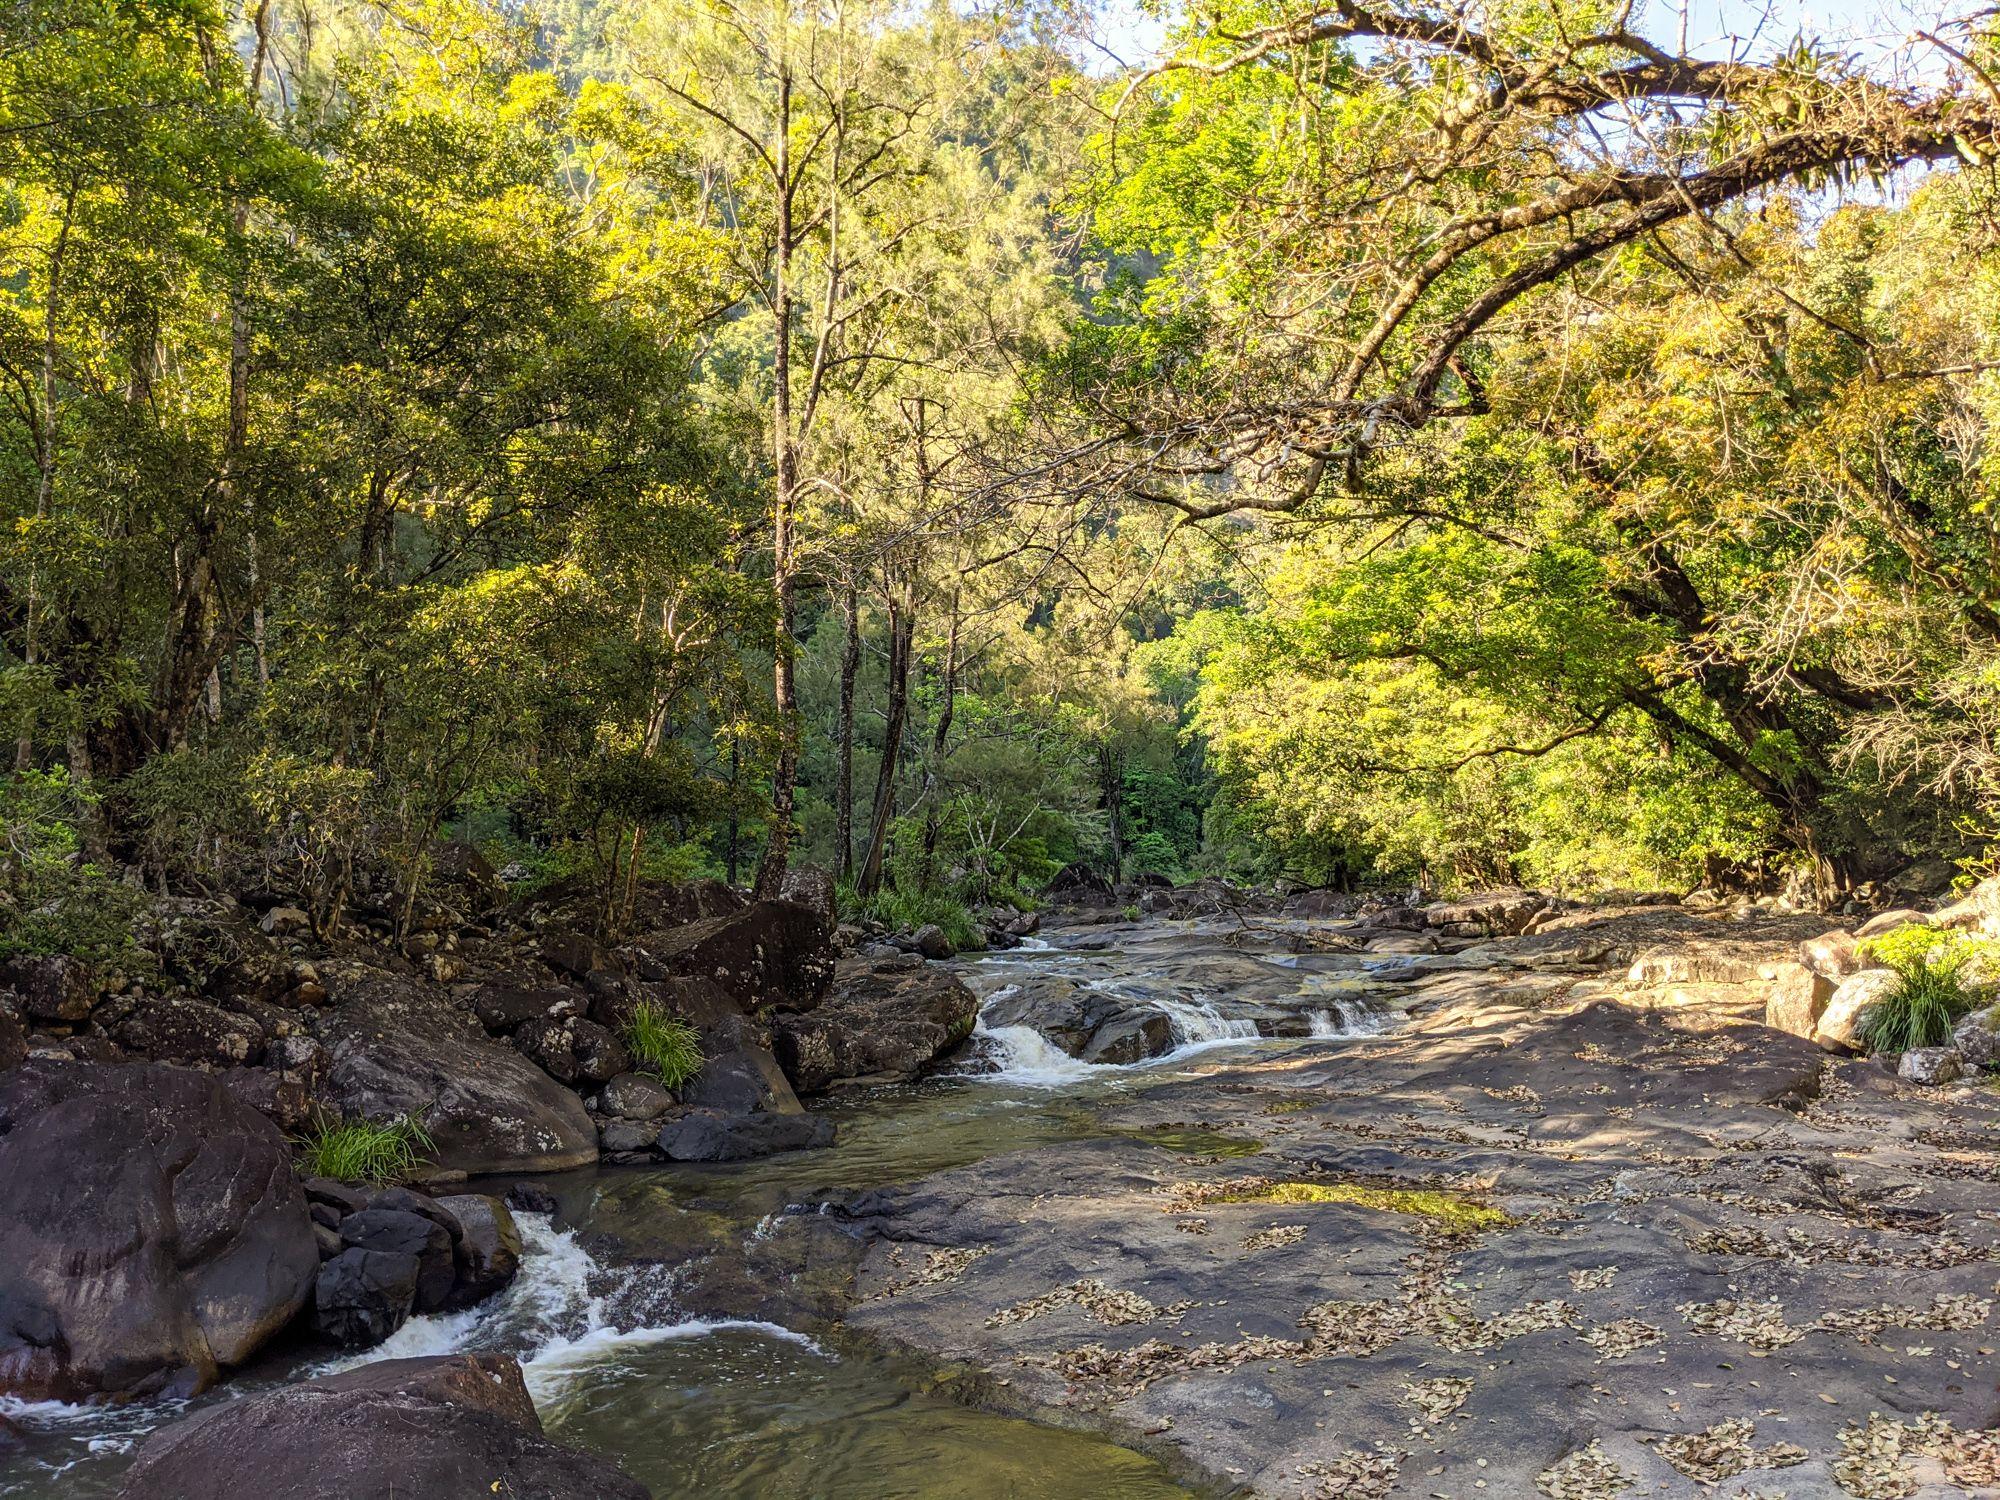 garrawalt creek cascades